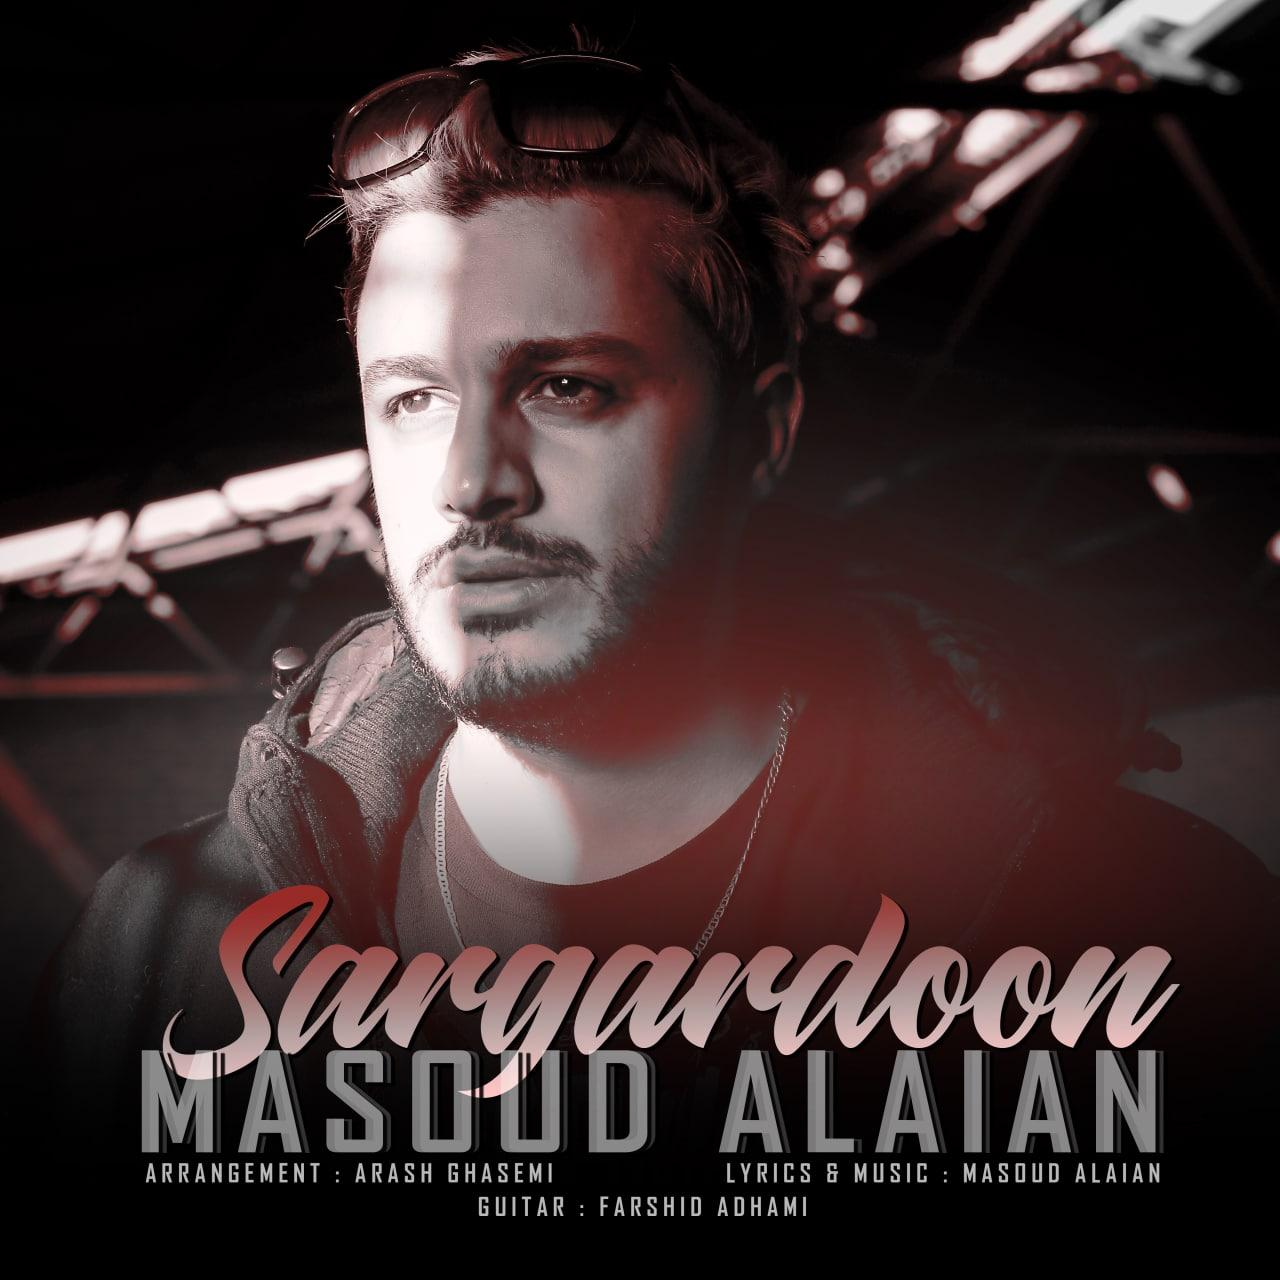 Masoud Alalan – Sargardoon